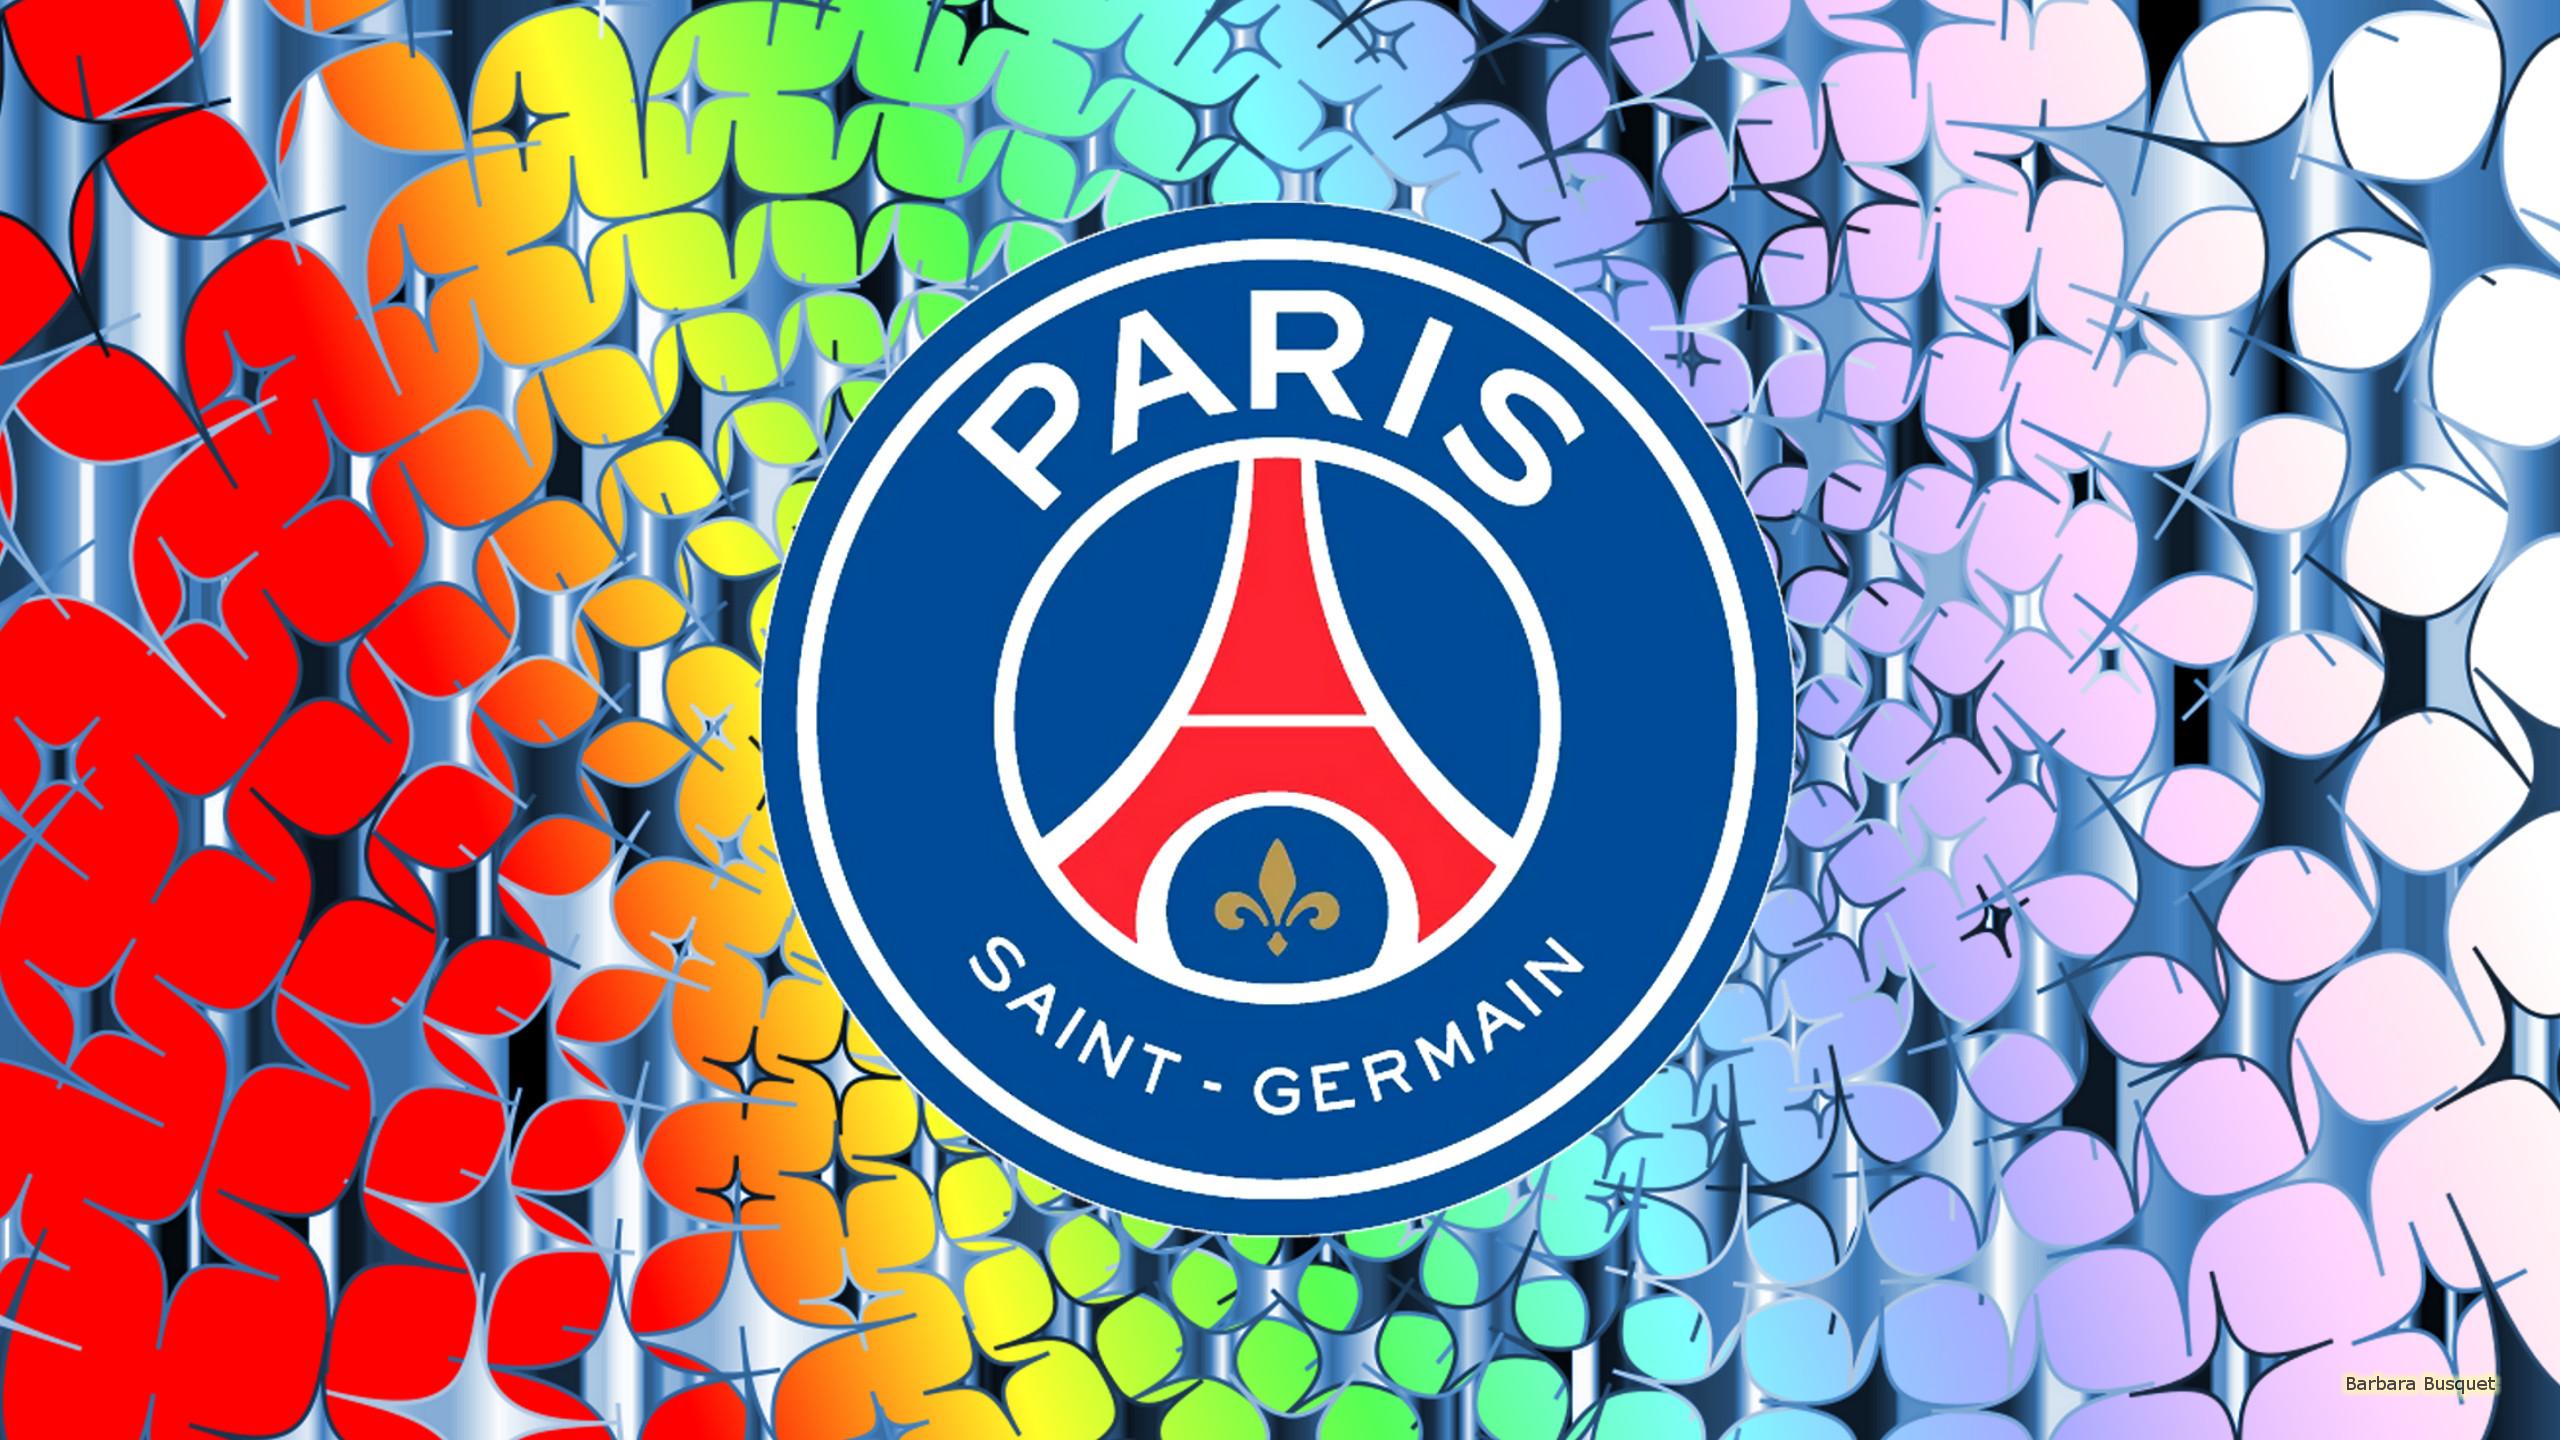 Paris Saint Germain Psg Barbara S Hd Wallpapers